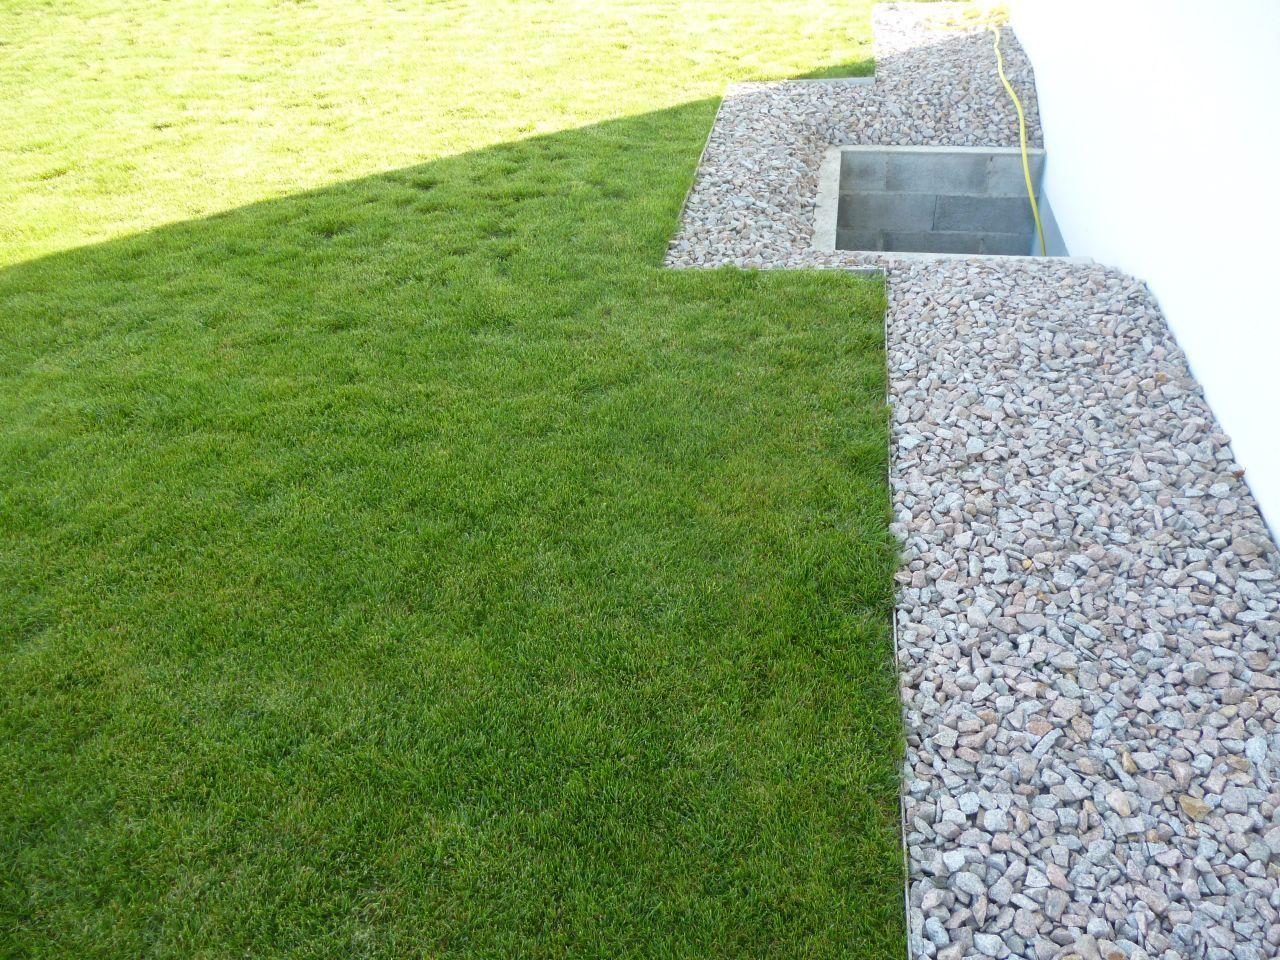 Bordures Nettes Gravillons /pelouse | Jardin | Jardins ... intérieur Pave Bordure Jardin